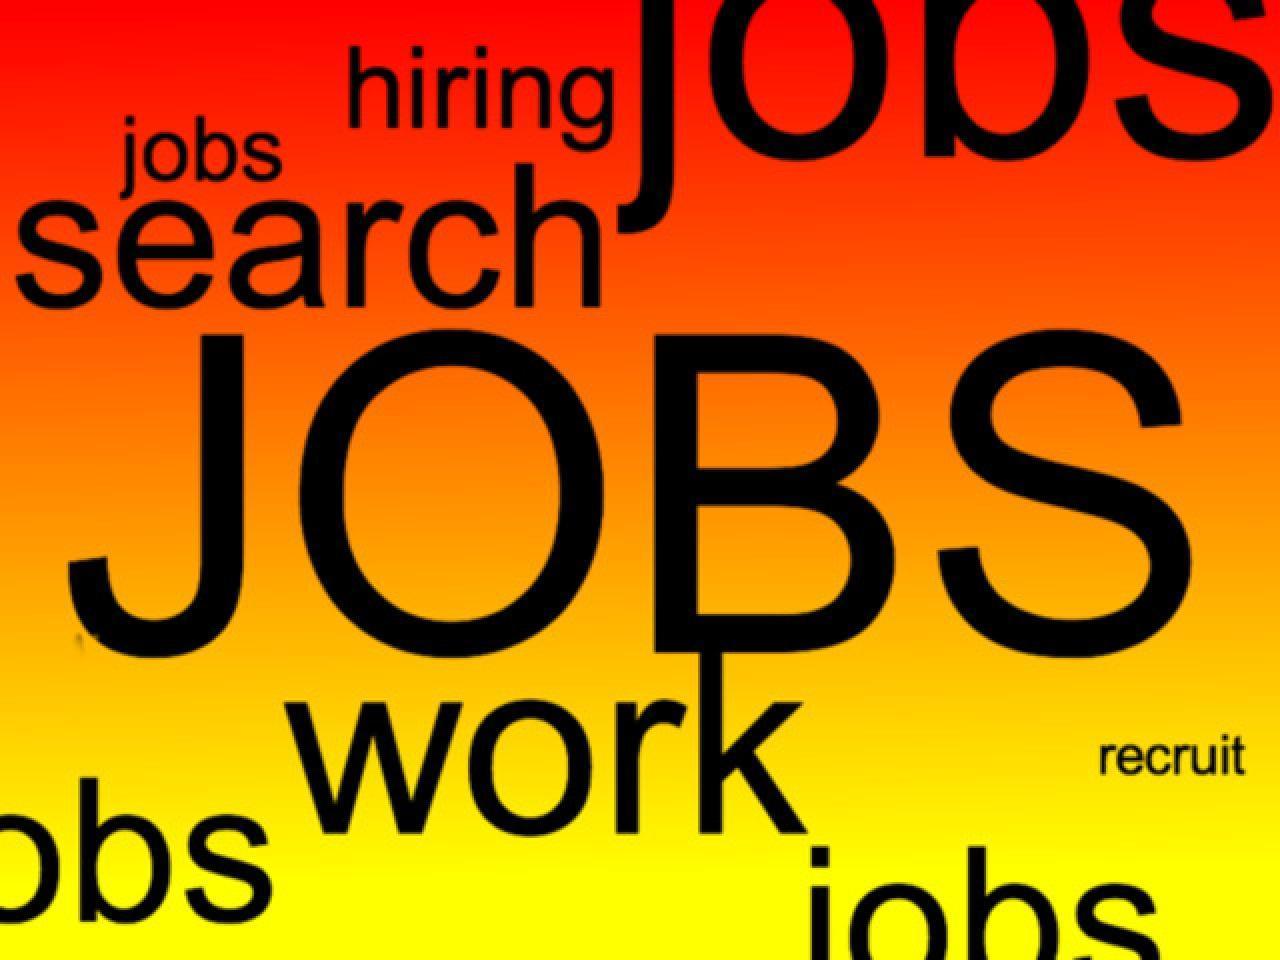 Еженедельно требуются работники в Лондоне на свободные вакансии в разных сферах. - 2